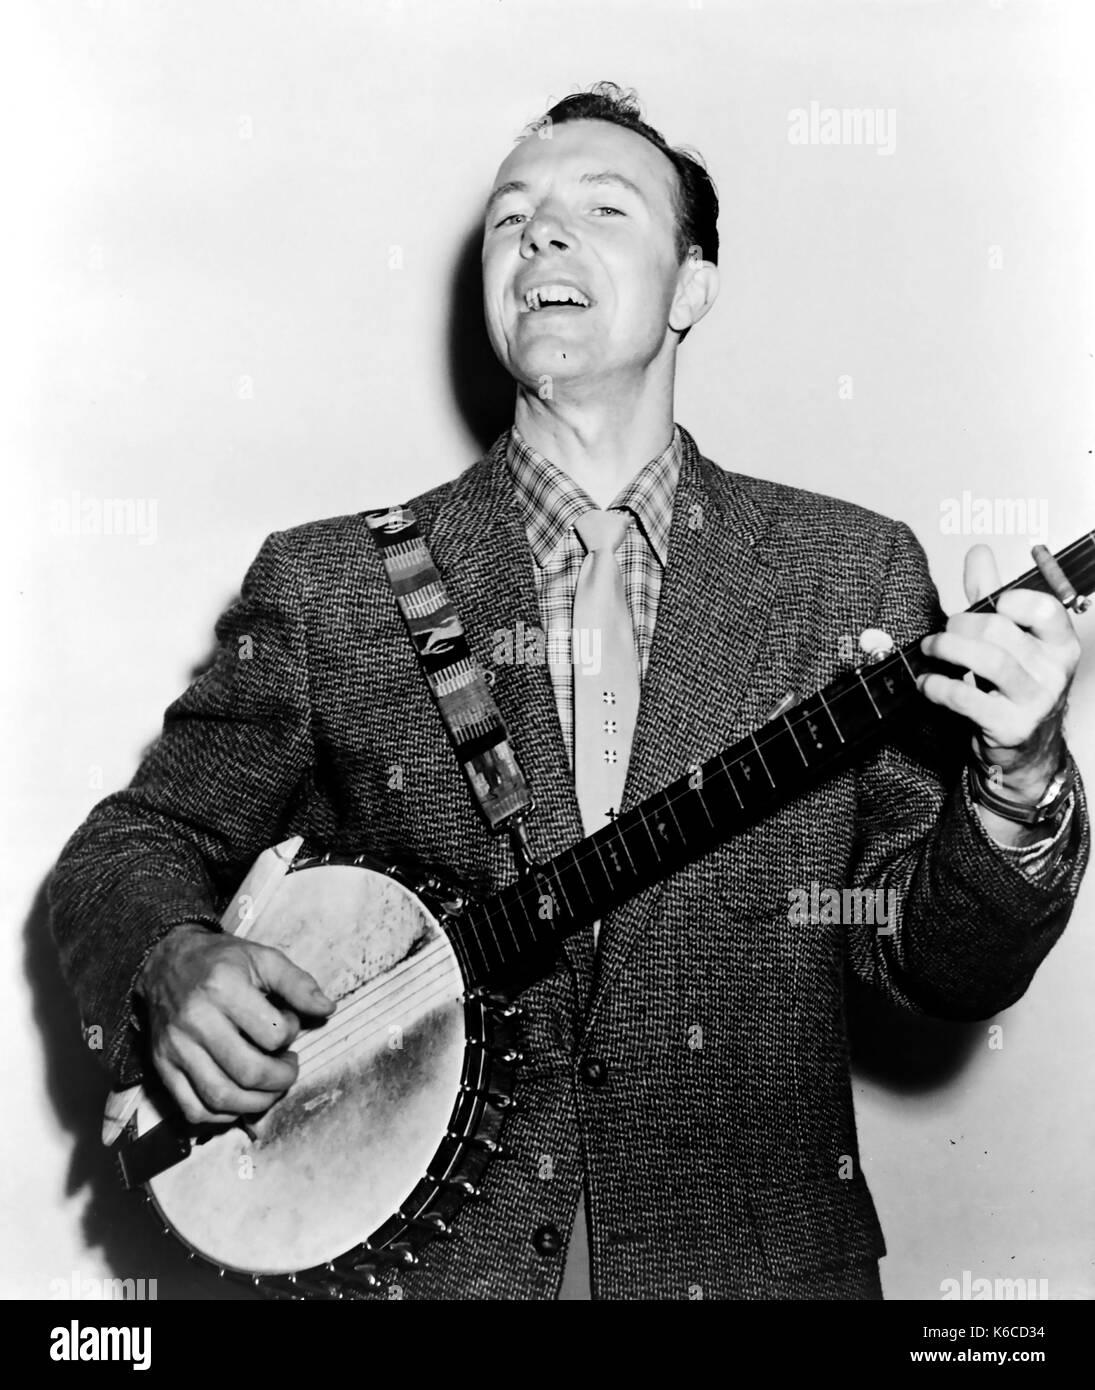 Pete Seeger (1919-2014) musicien folk américains en 1955 Photo Stock